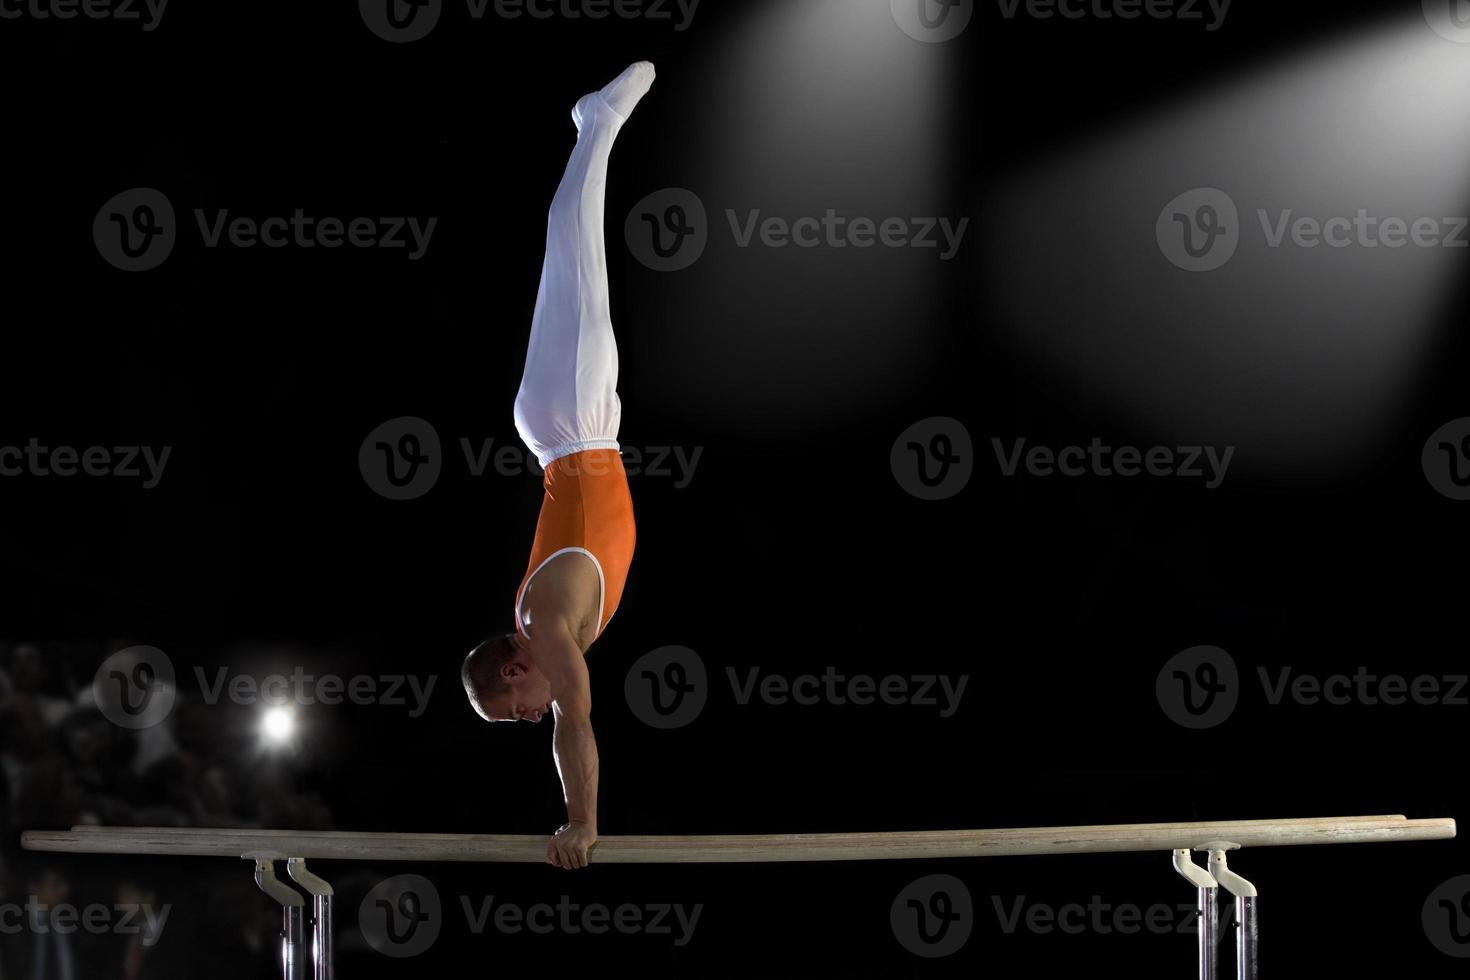 mannelijke gymnast uitvoeren handstand op parallelle staven, zijaanzicht foto